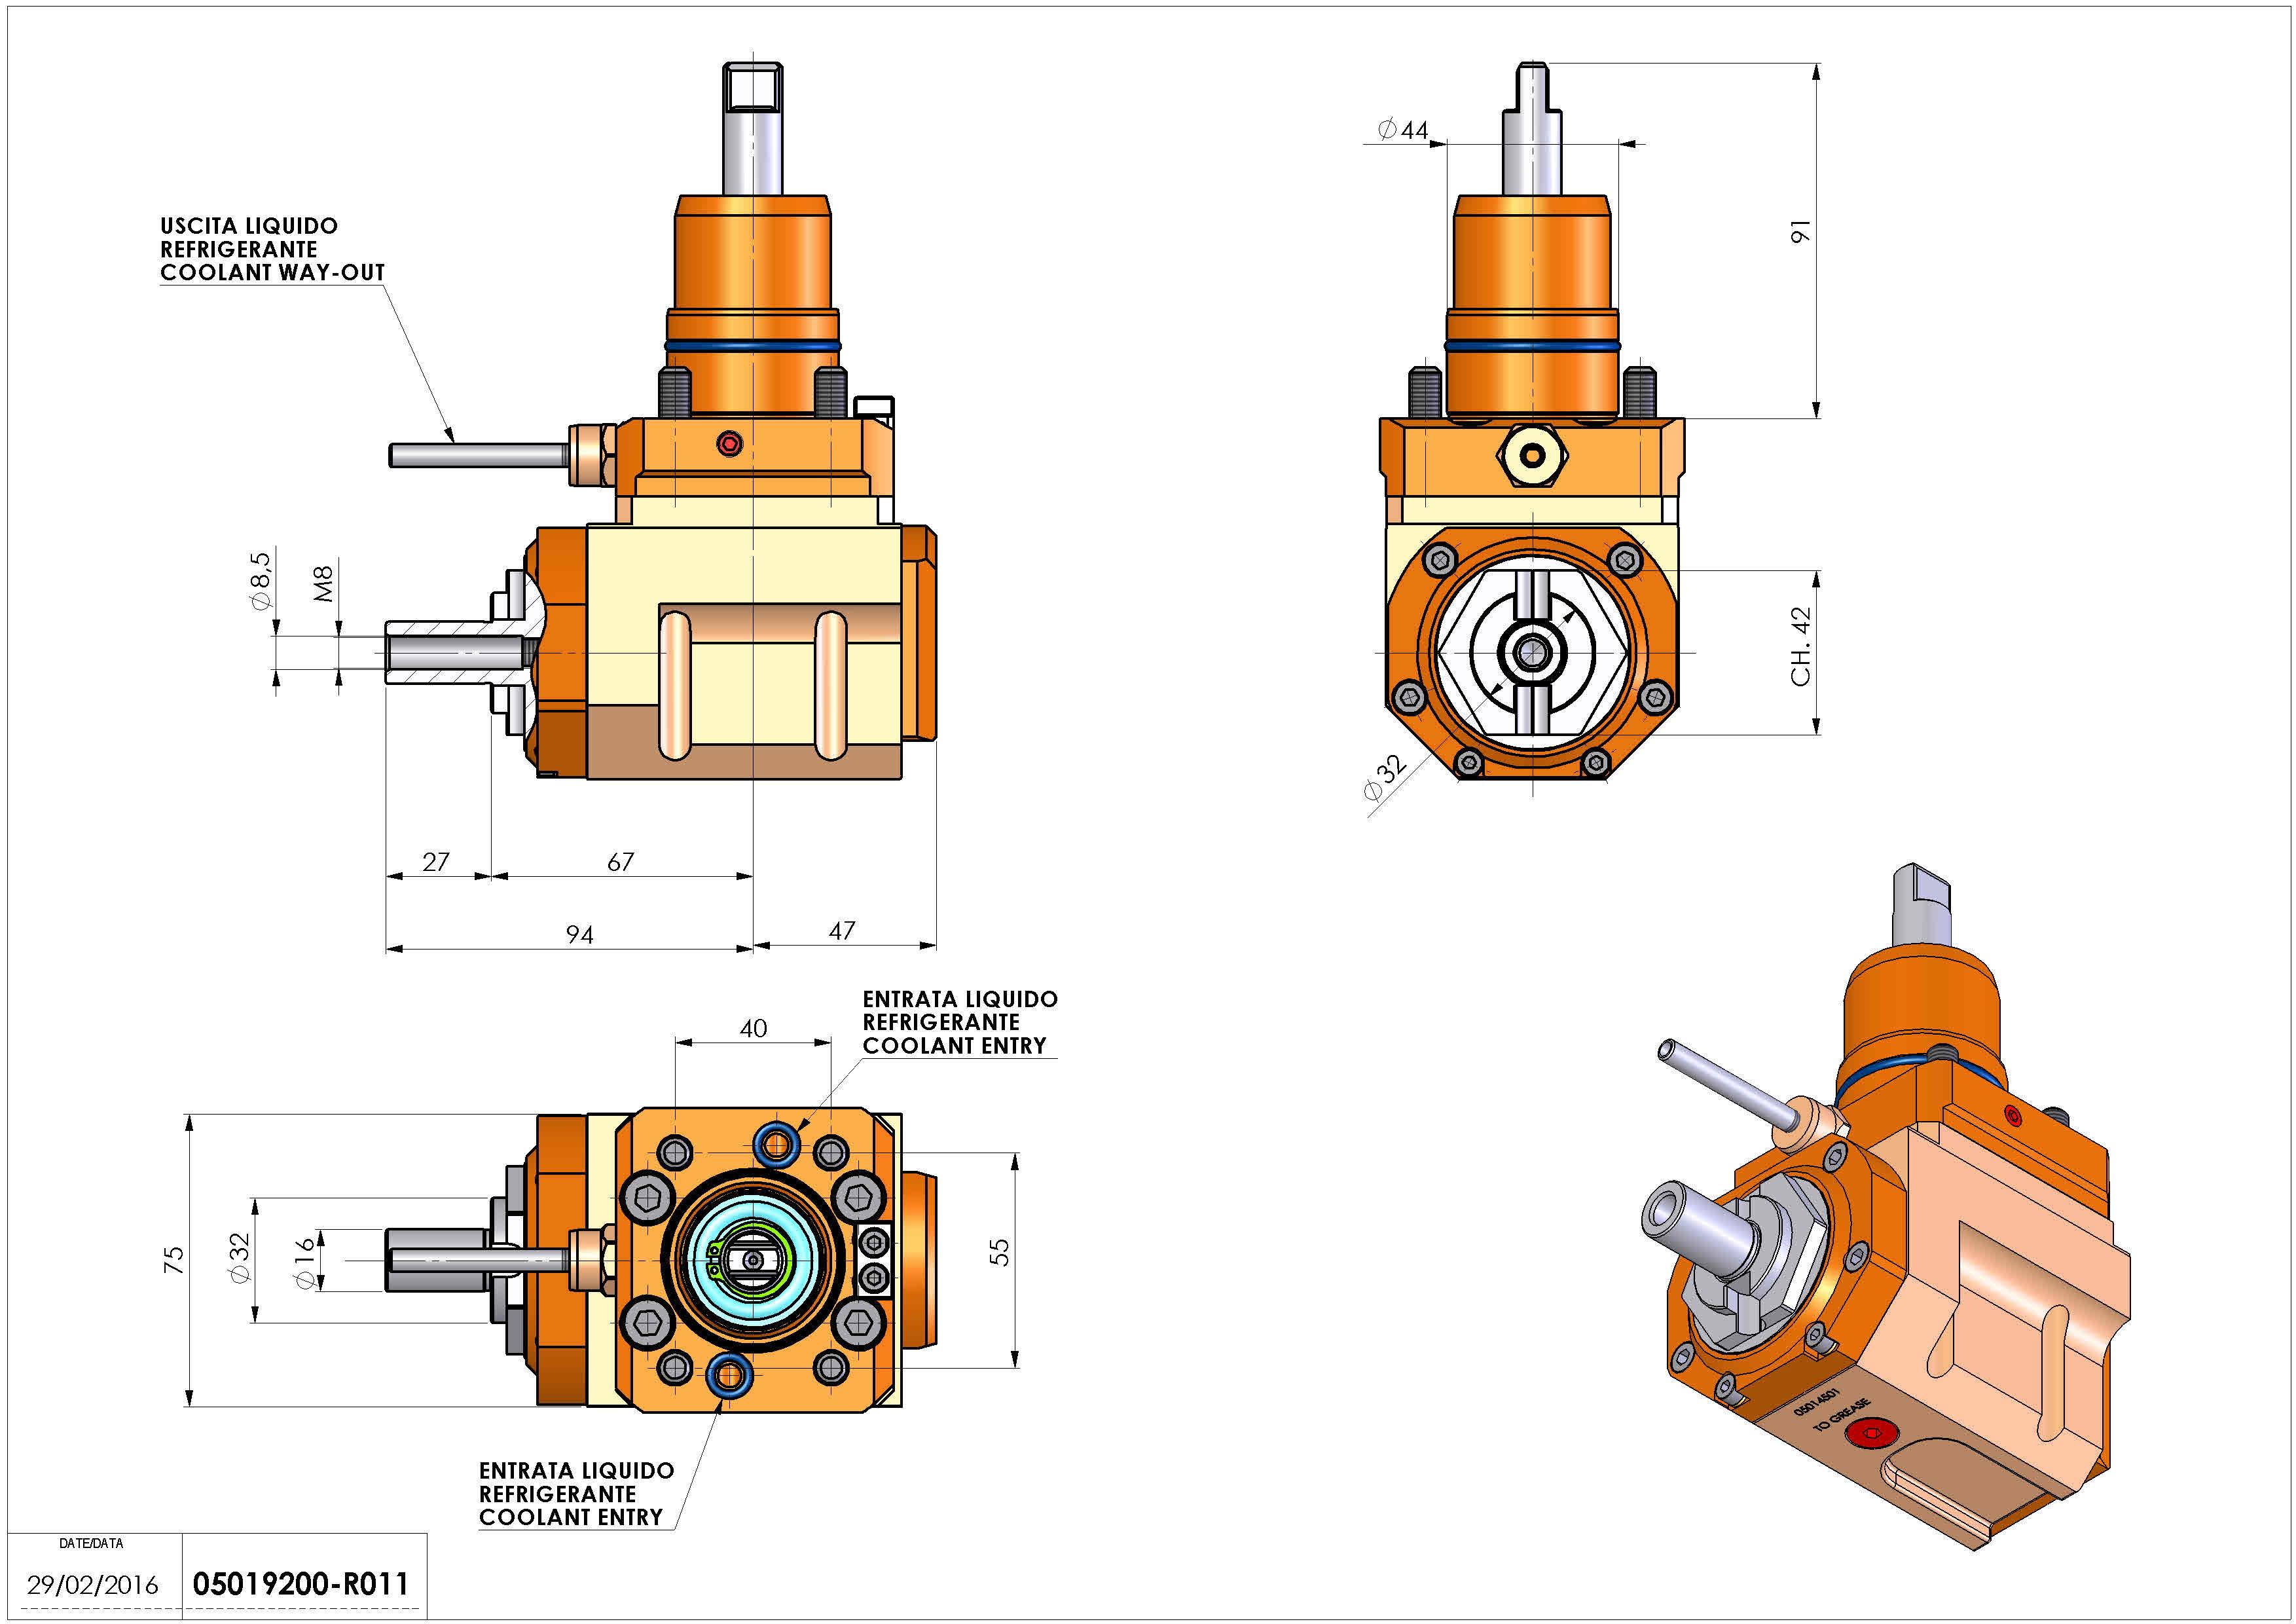 Technical image - LT-A D44 DIN138-16 L-R H60 NK.